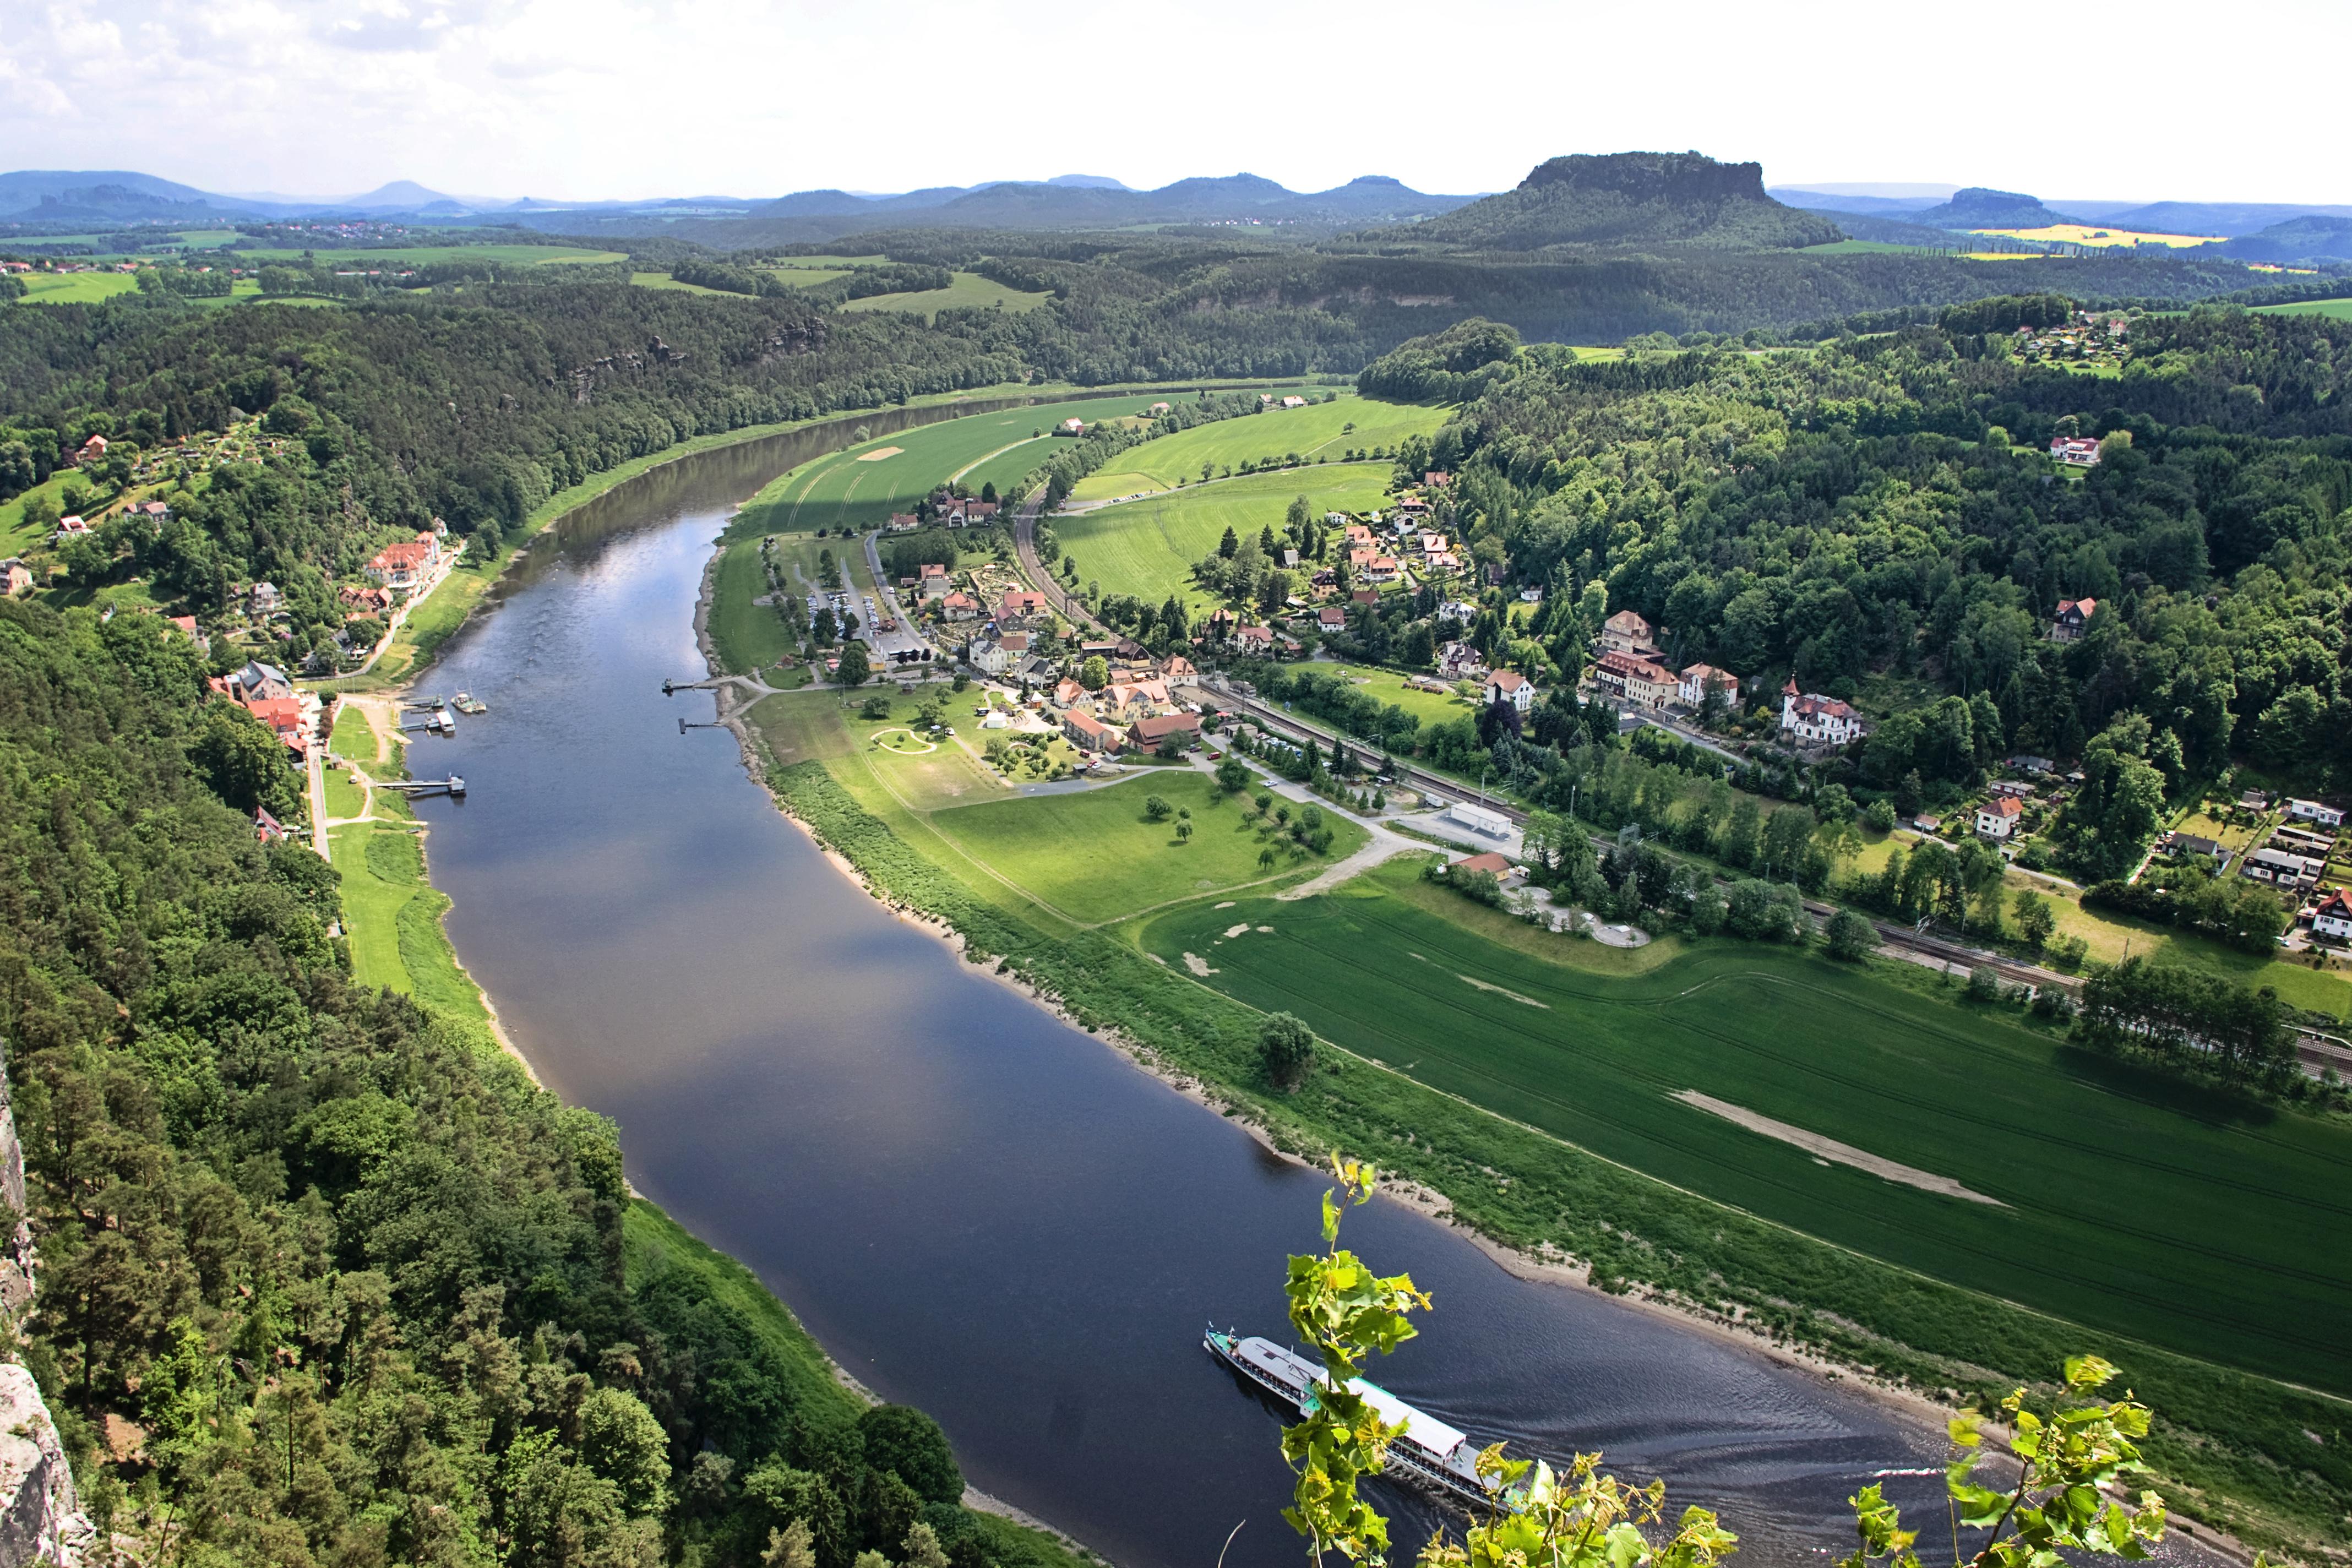 Wir haben eine umweltverträgliche Nutzung der Elbe vereinbart